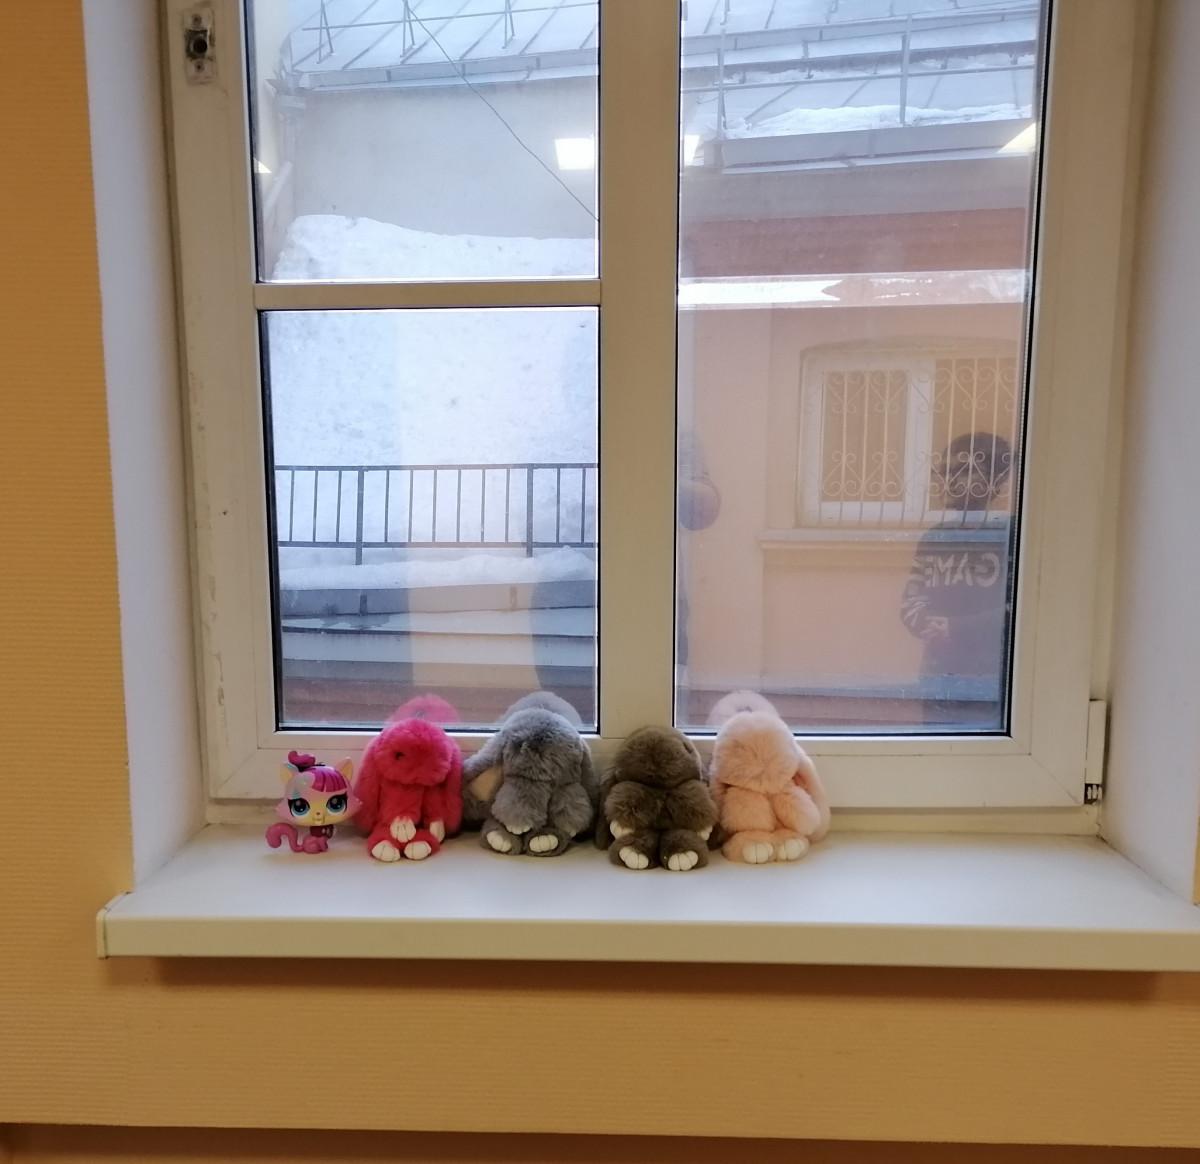 Расстановка на игрушках Сказка для Владимира Задачи и желания восьмилетнего мальчика